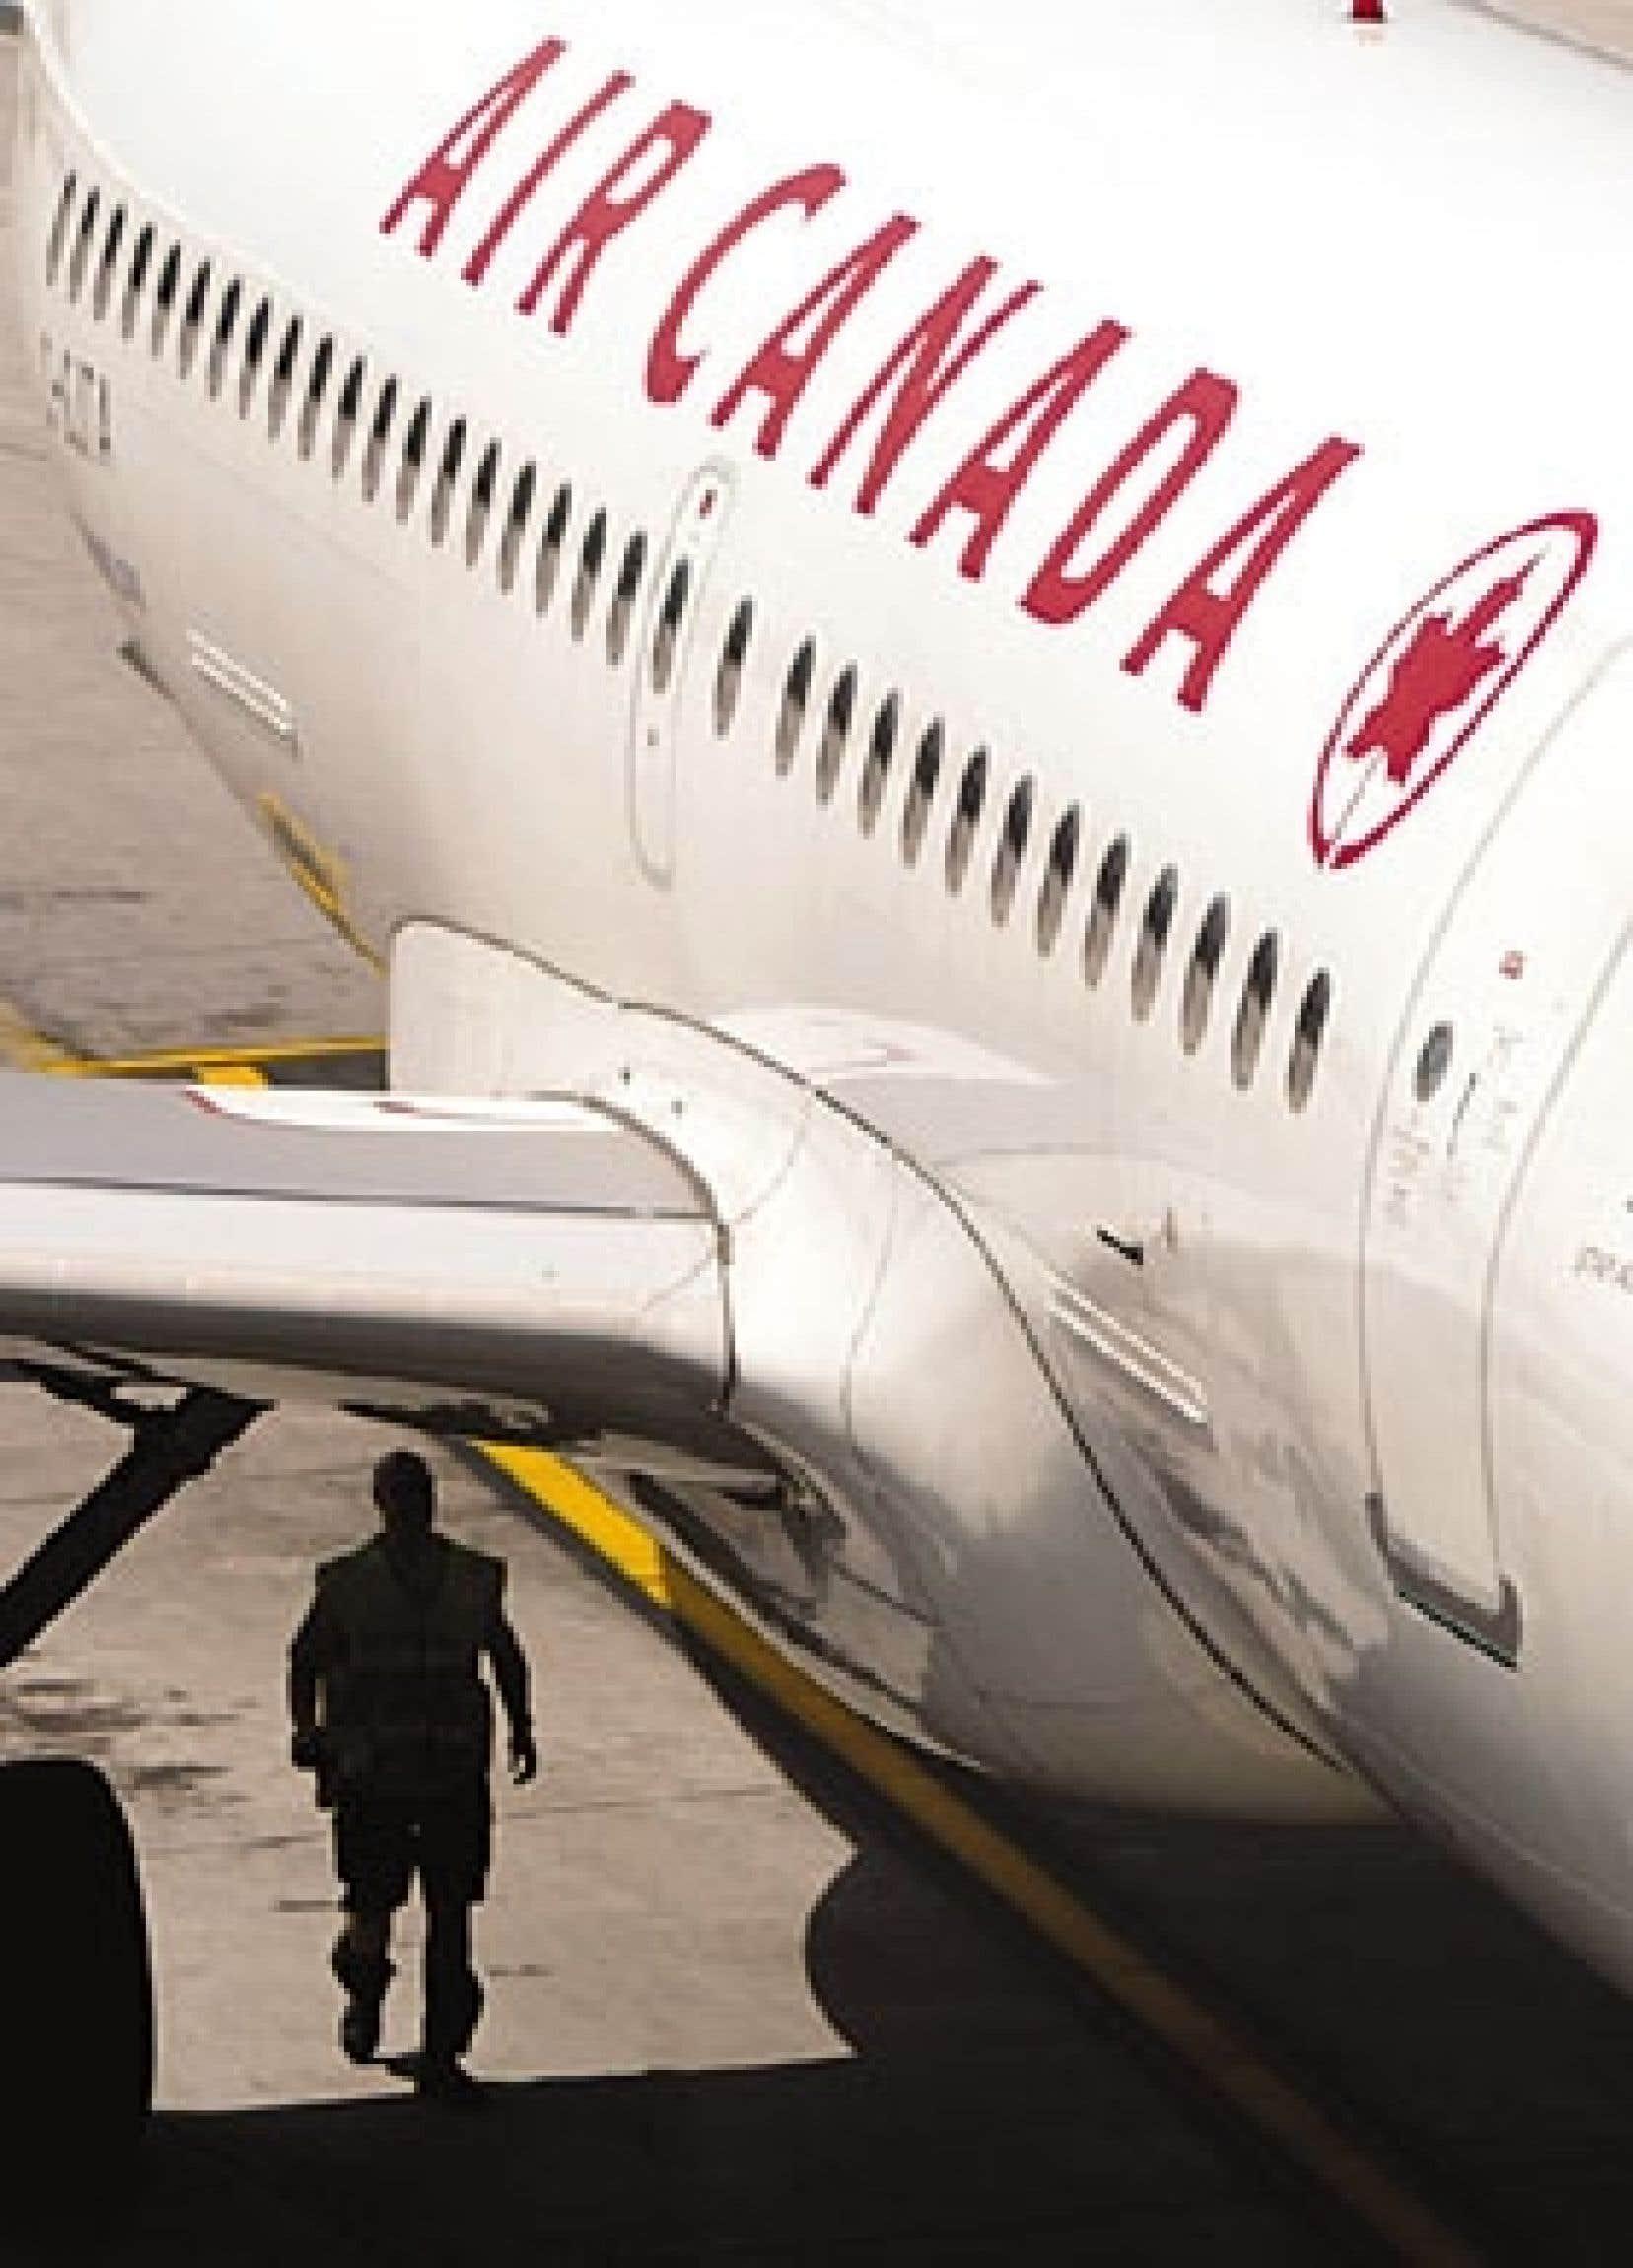 À son retour en Bourse, l'action d'Air Canada a été accueillie avec un recul de 6 %.